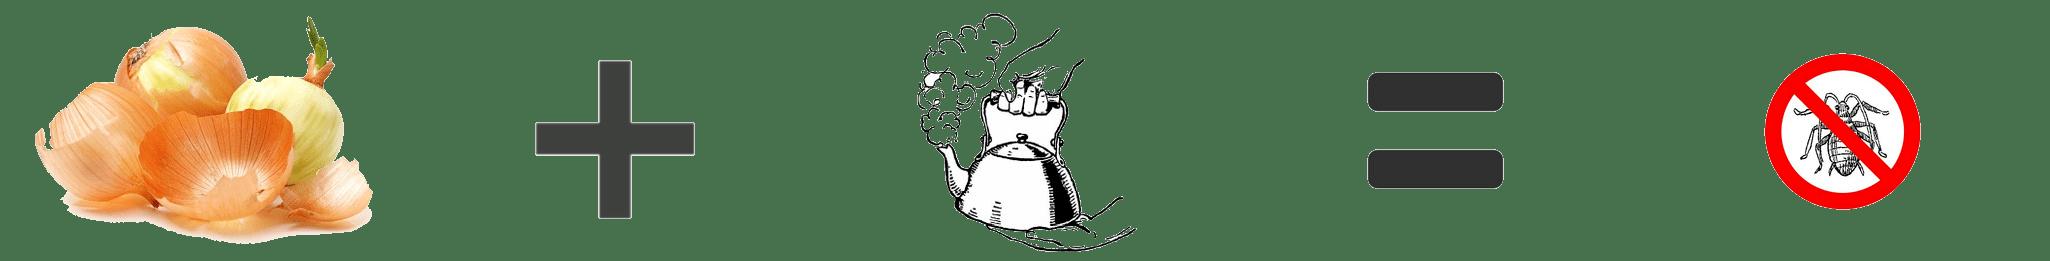 Teinture d'oignon contre les insectes